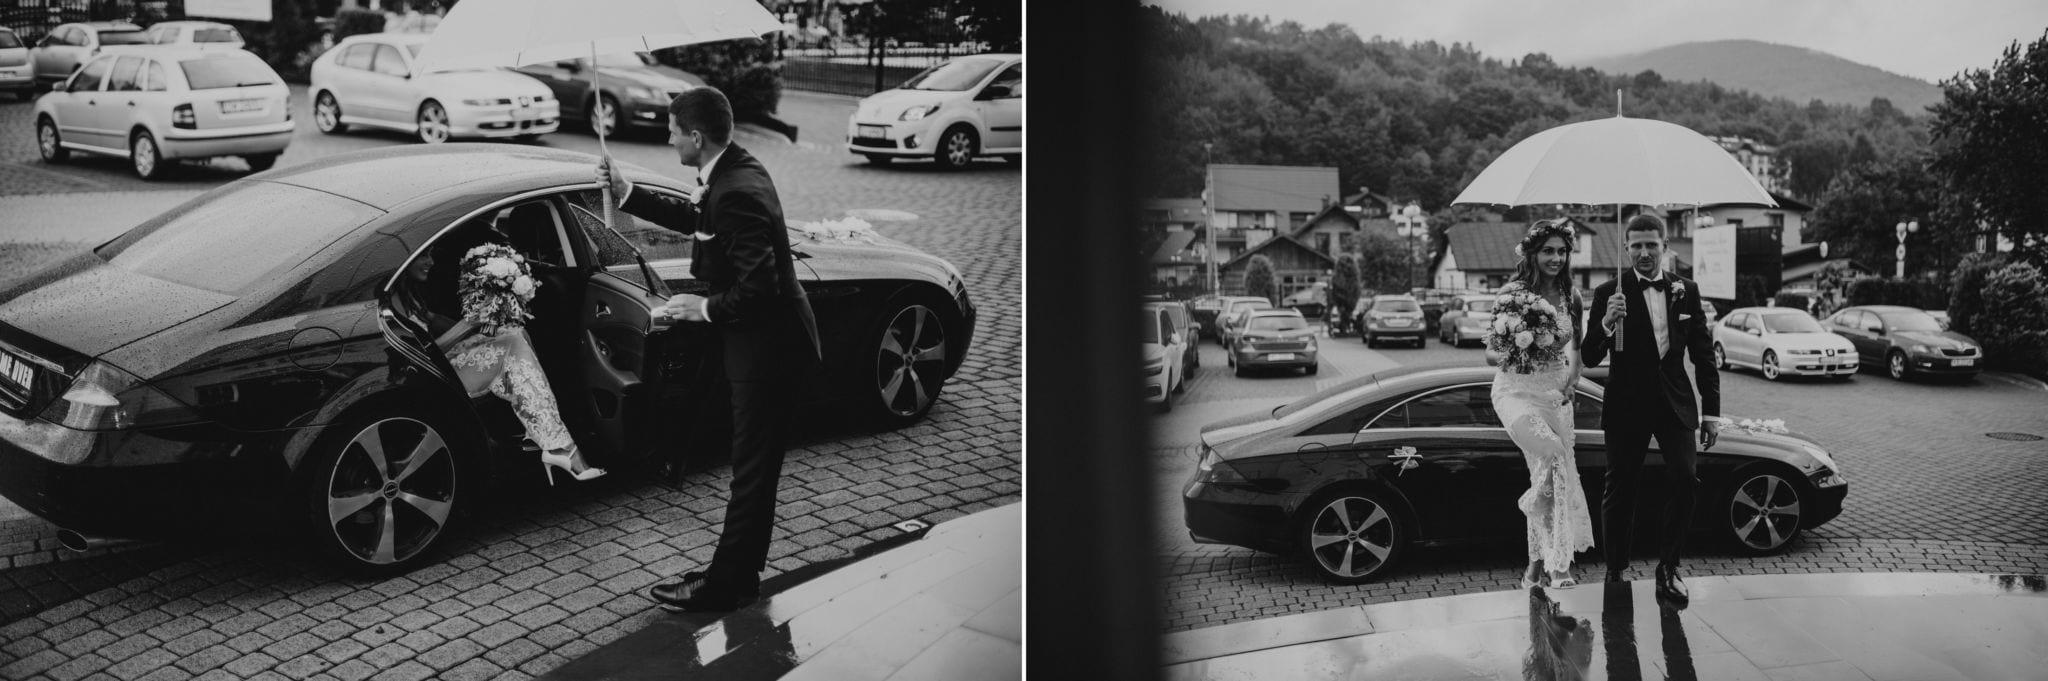 Kasia & Tomek <br>Ślub w Szczyrku 257